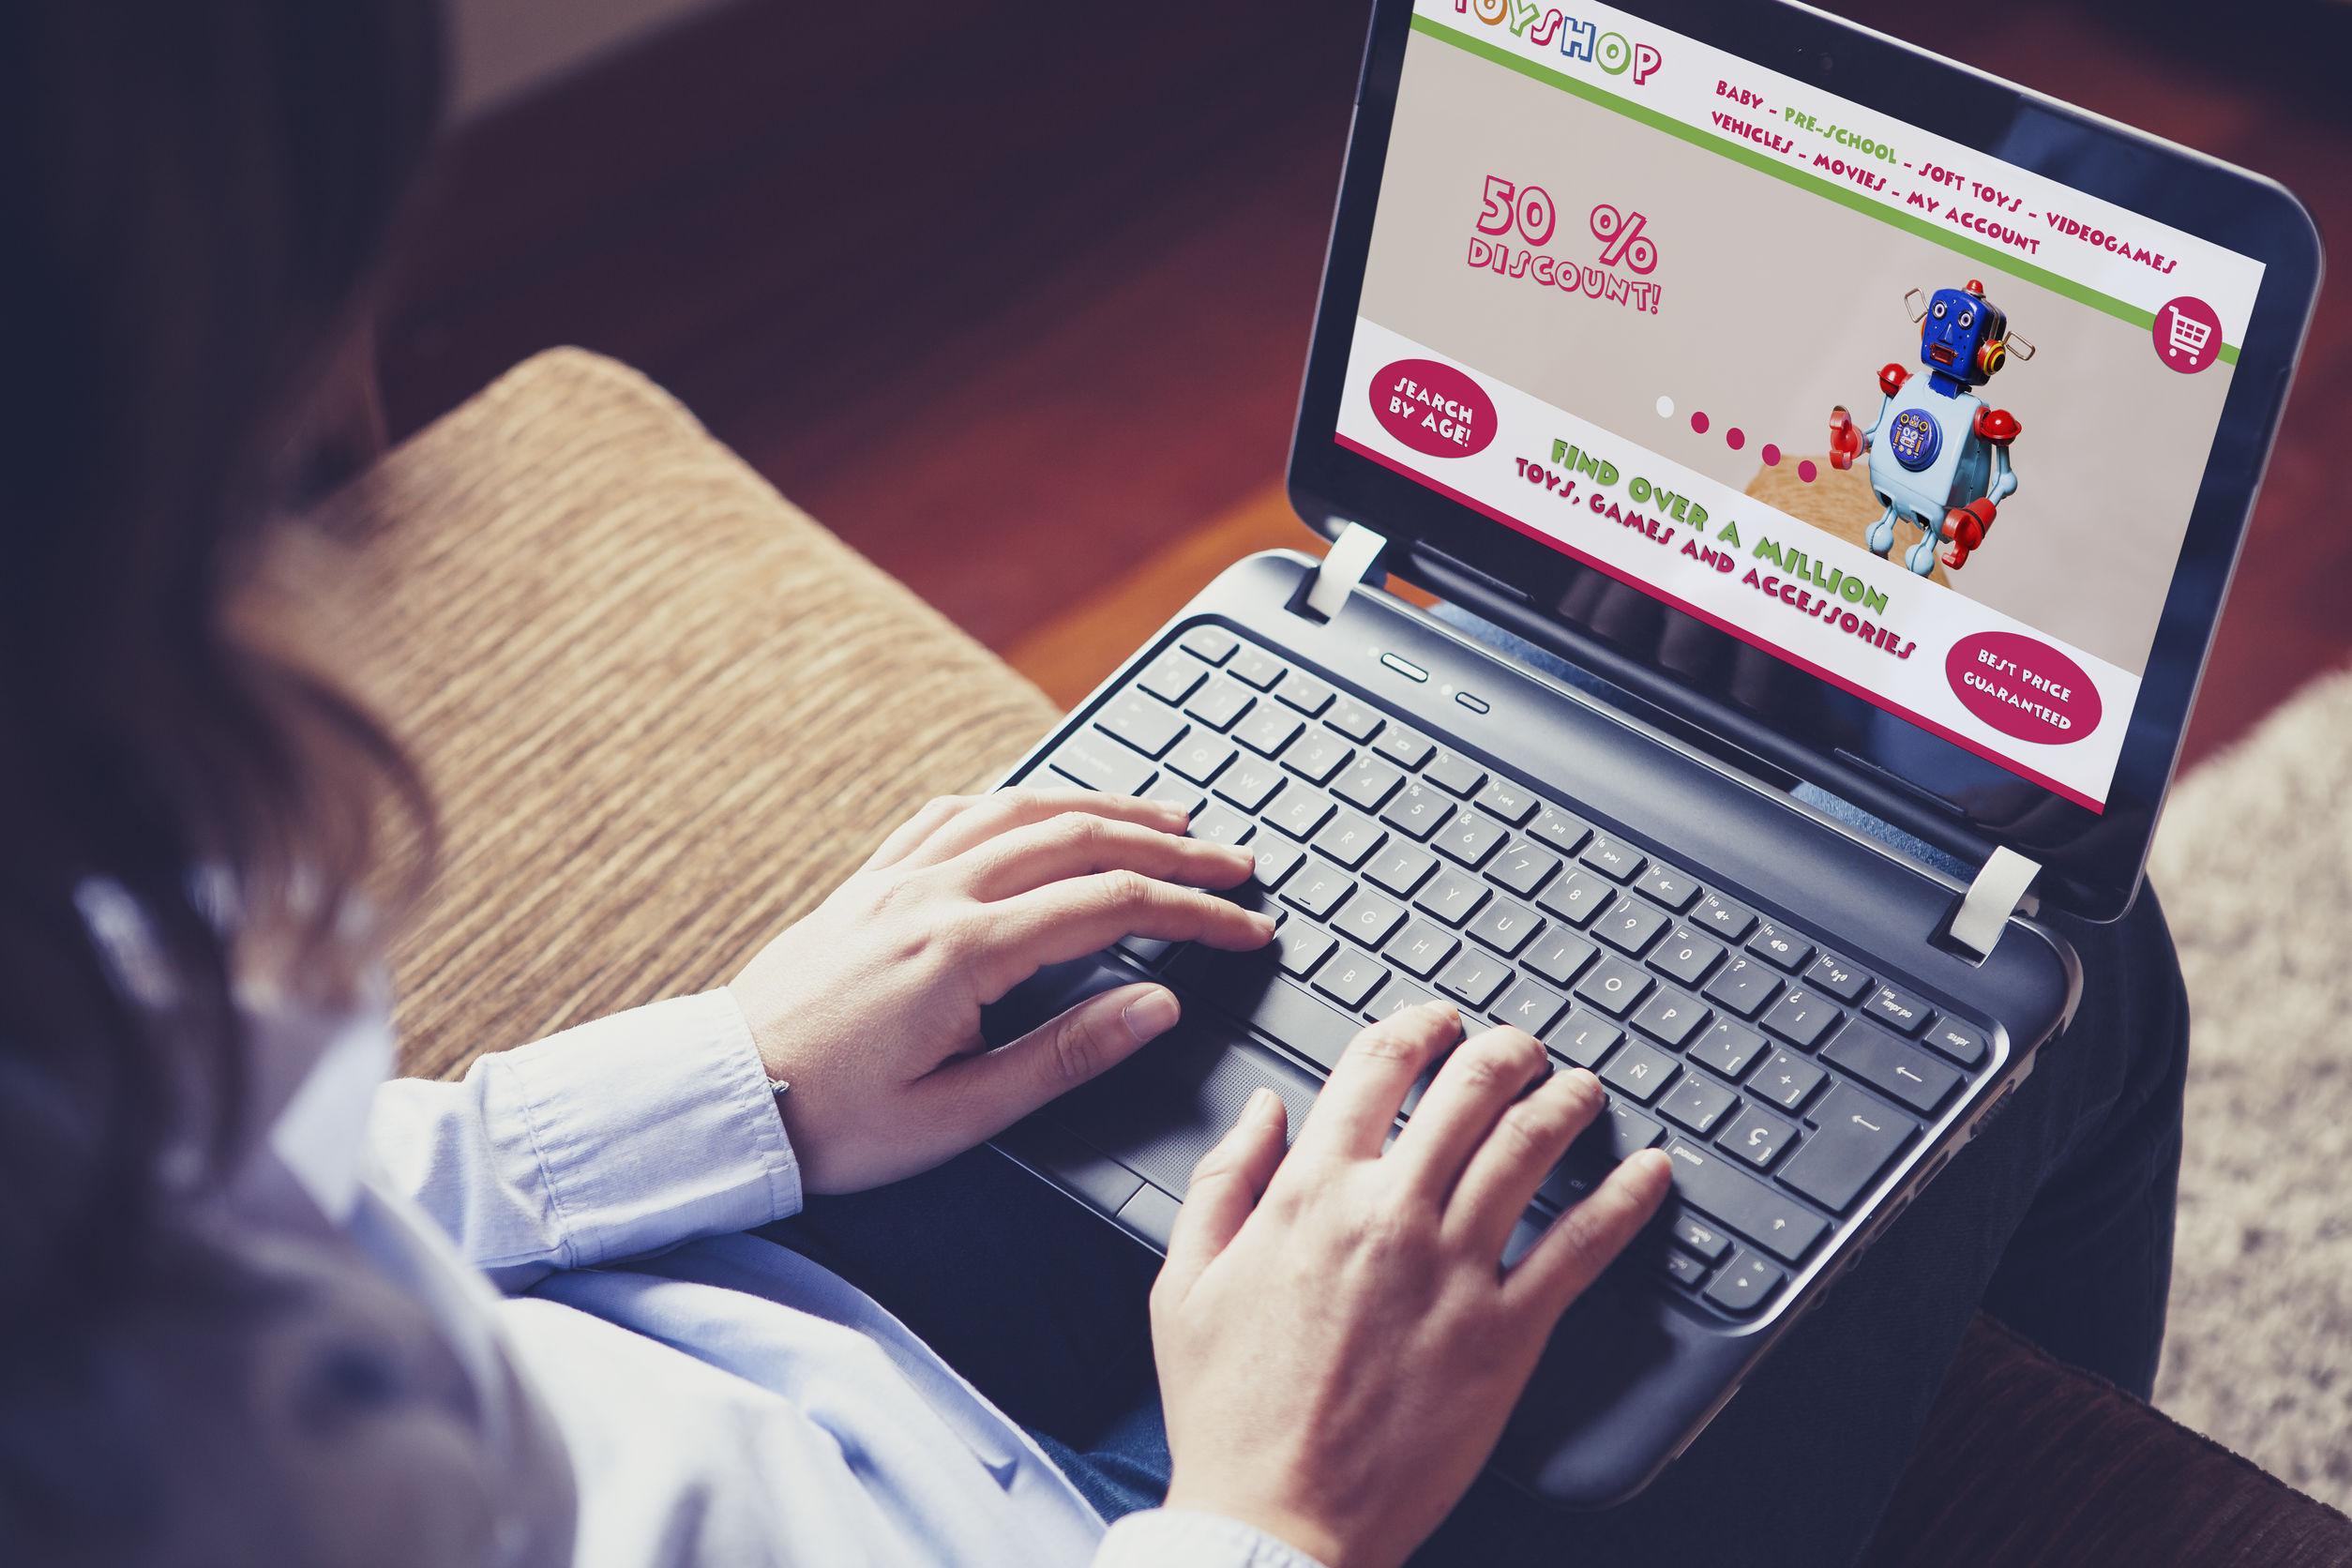 Baru Pertama Jualan Online? Ini Strategi yang Bisa Anda Terapkan